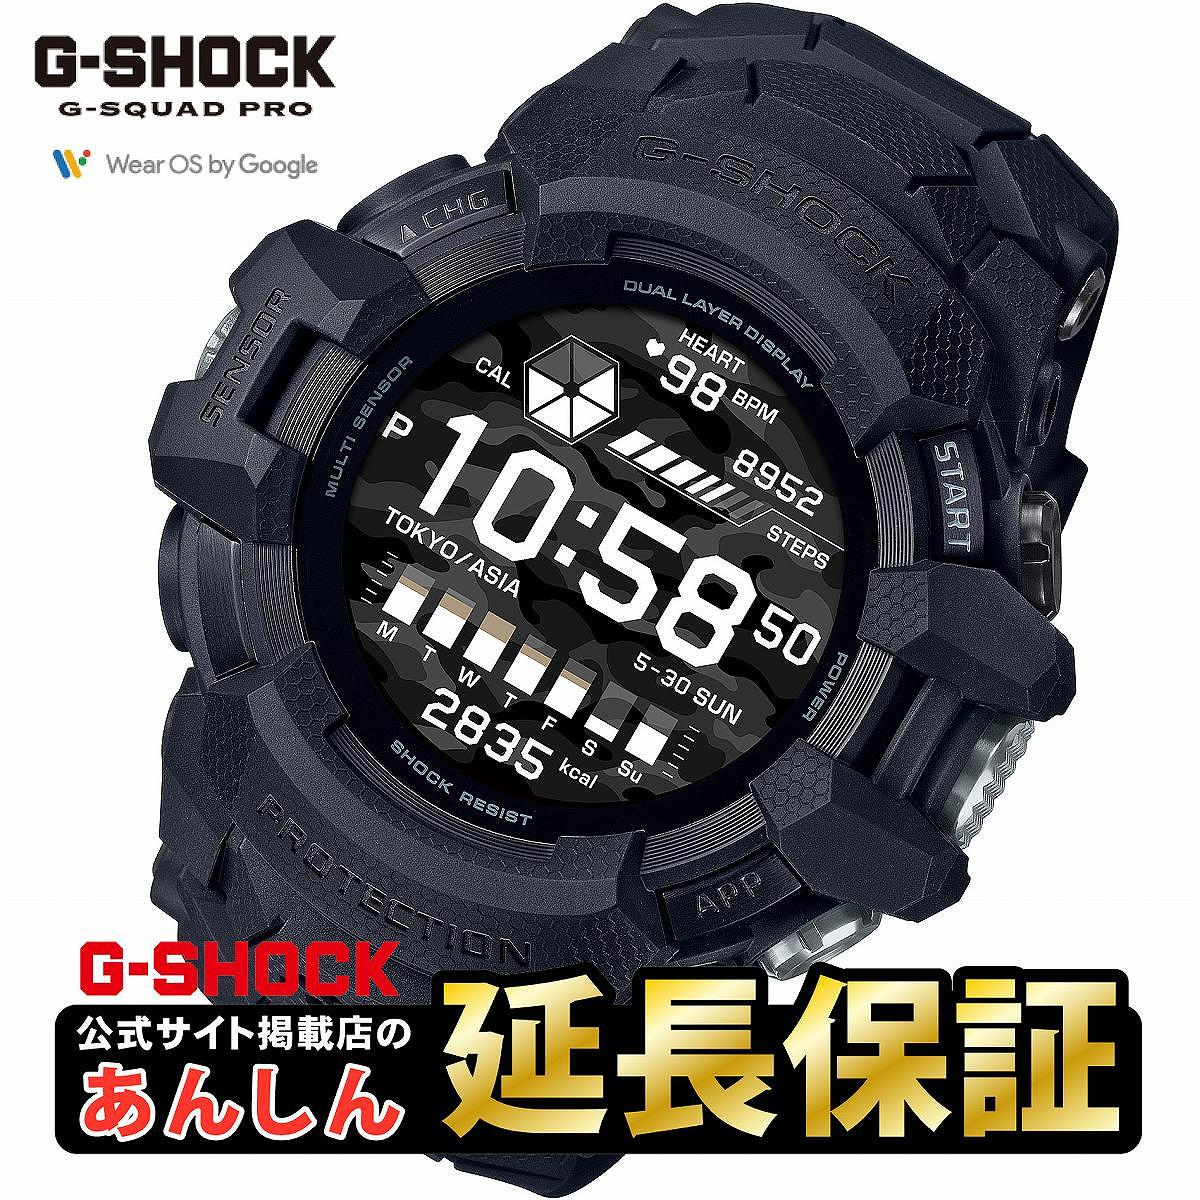 腕時計, メンズ腕時計  G GSW-H1000-1AJR G-SQUAD PRO Wear OS by Google(TM) CASIO G-SHOCK052110spl